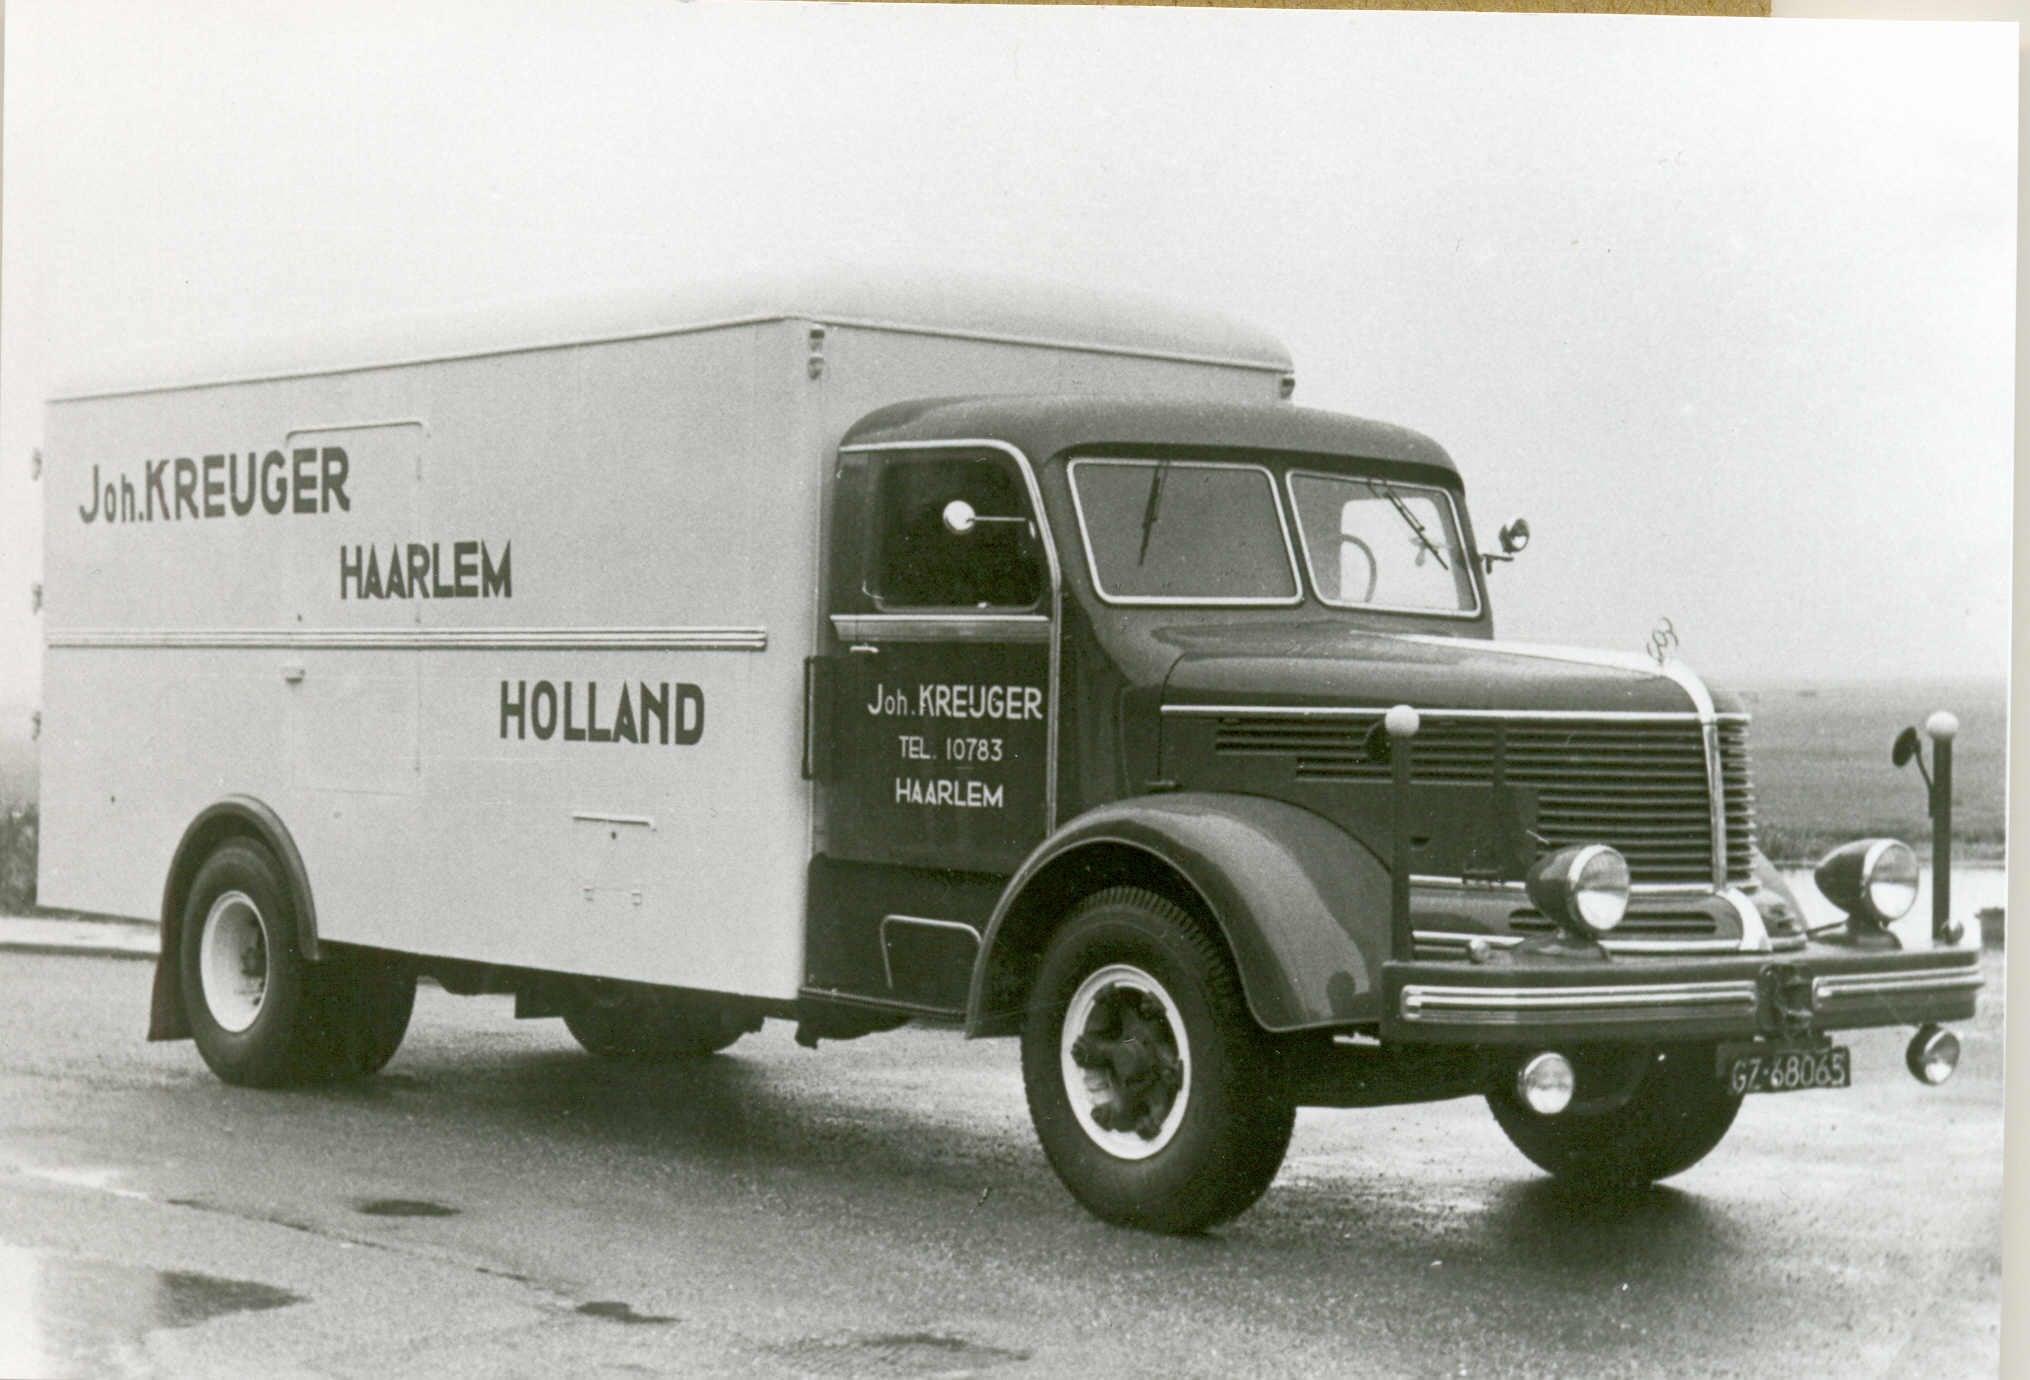 Bert-Klanderman-1e-fabrieks-nieuwe-na-de-oorlog-bij-de-firma--Krupp-Mustang--4-cyll--2-takt-diesel-145pk--2e-foto-paar-maanden-voor-z-n-pensioen--(1)